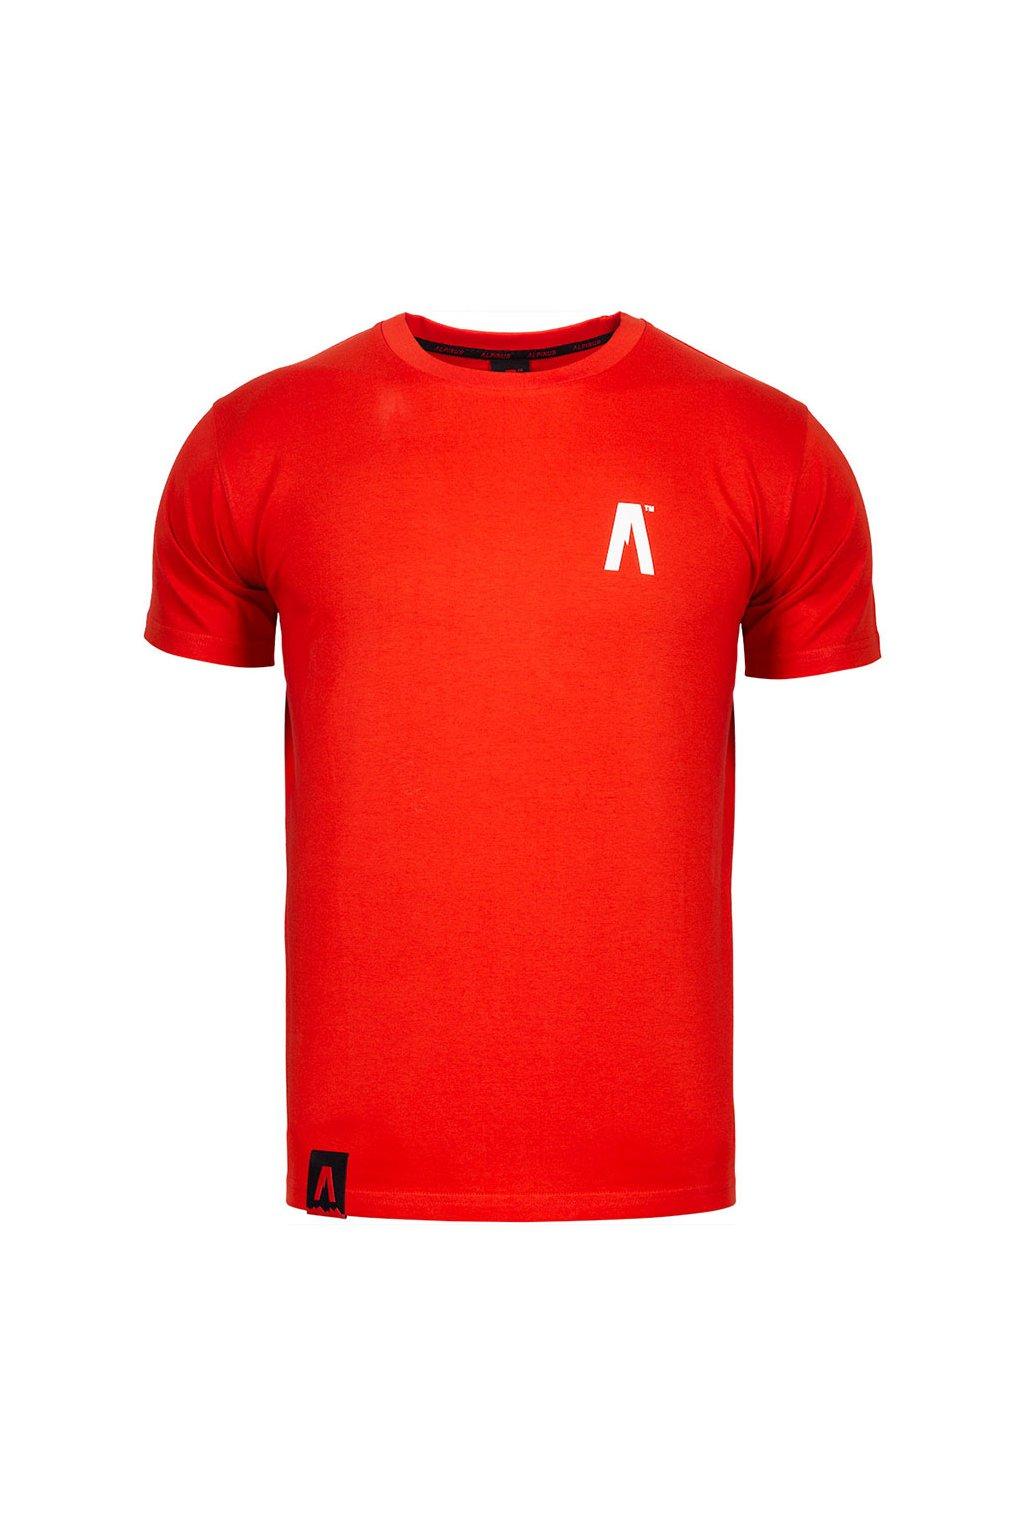 Pánske tričko Alpinus A' červené ALP20TC0002_ADD